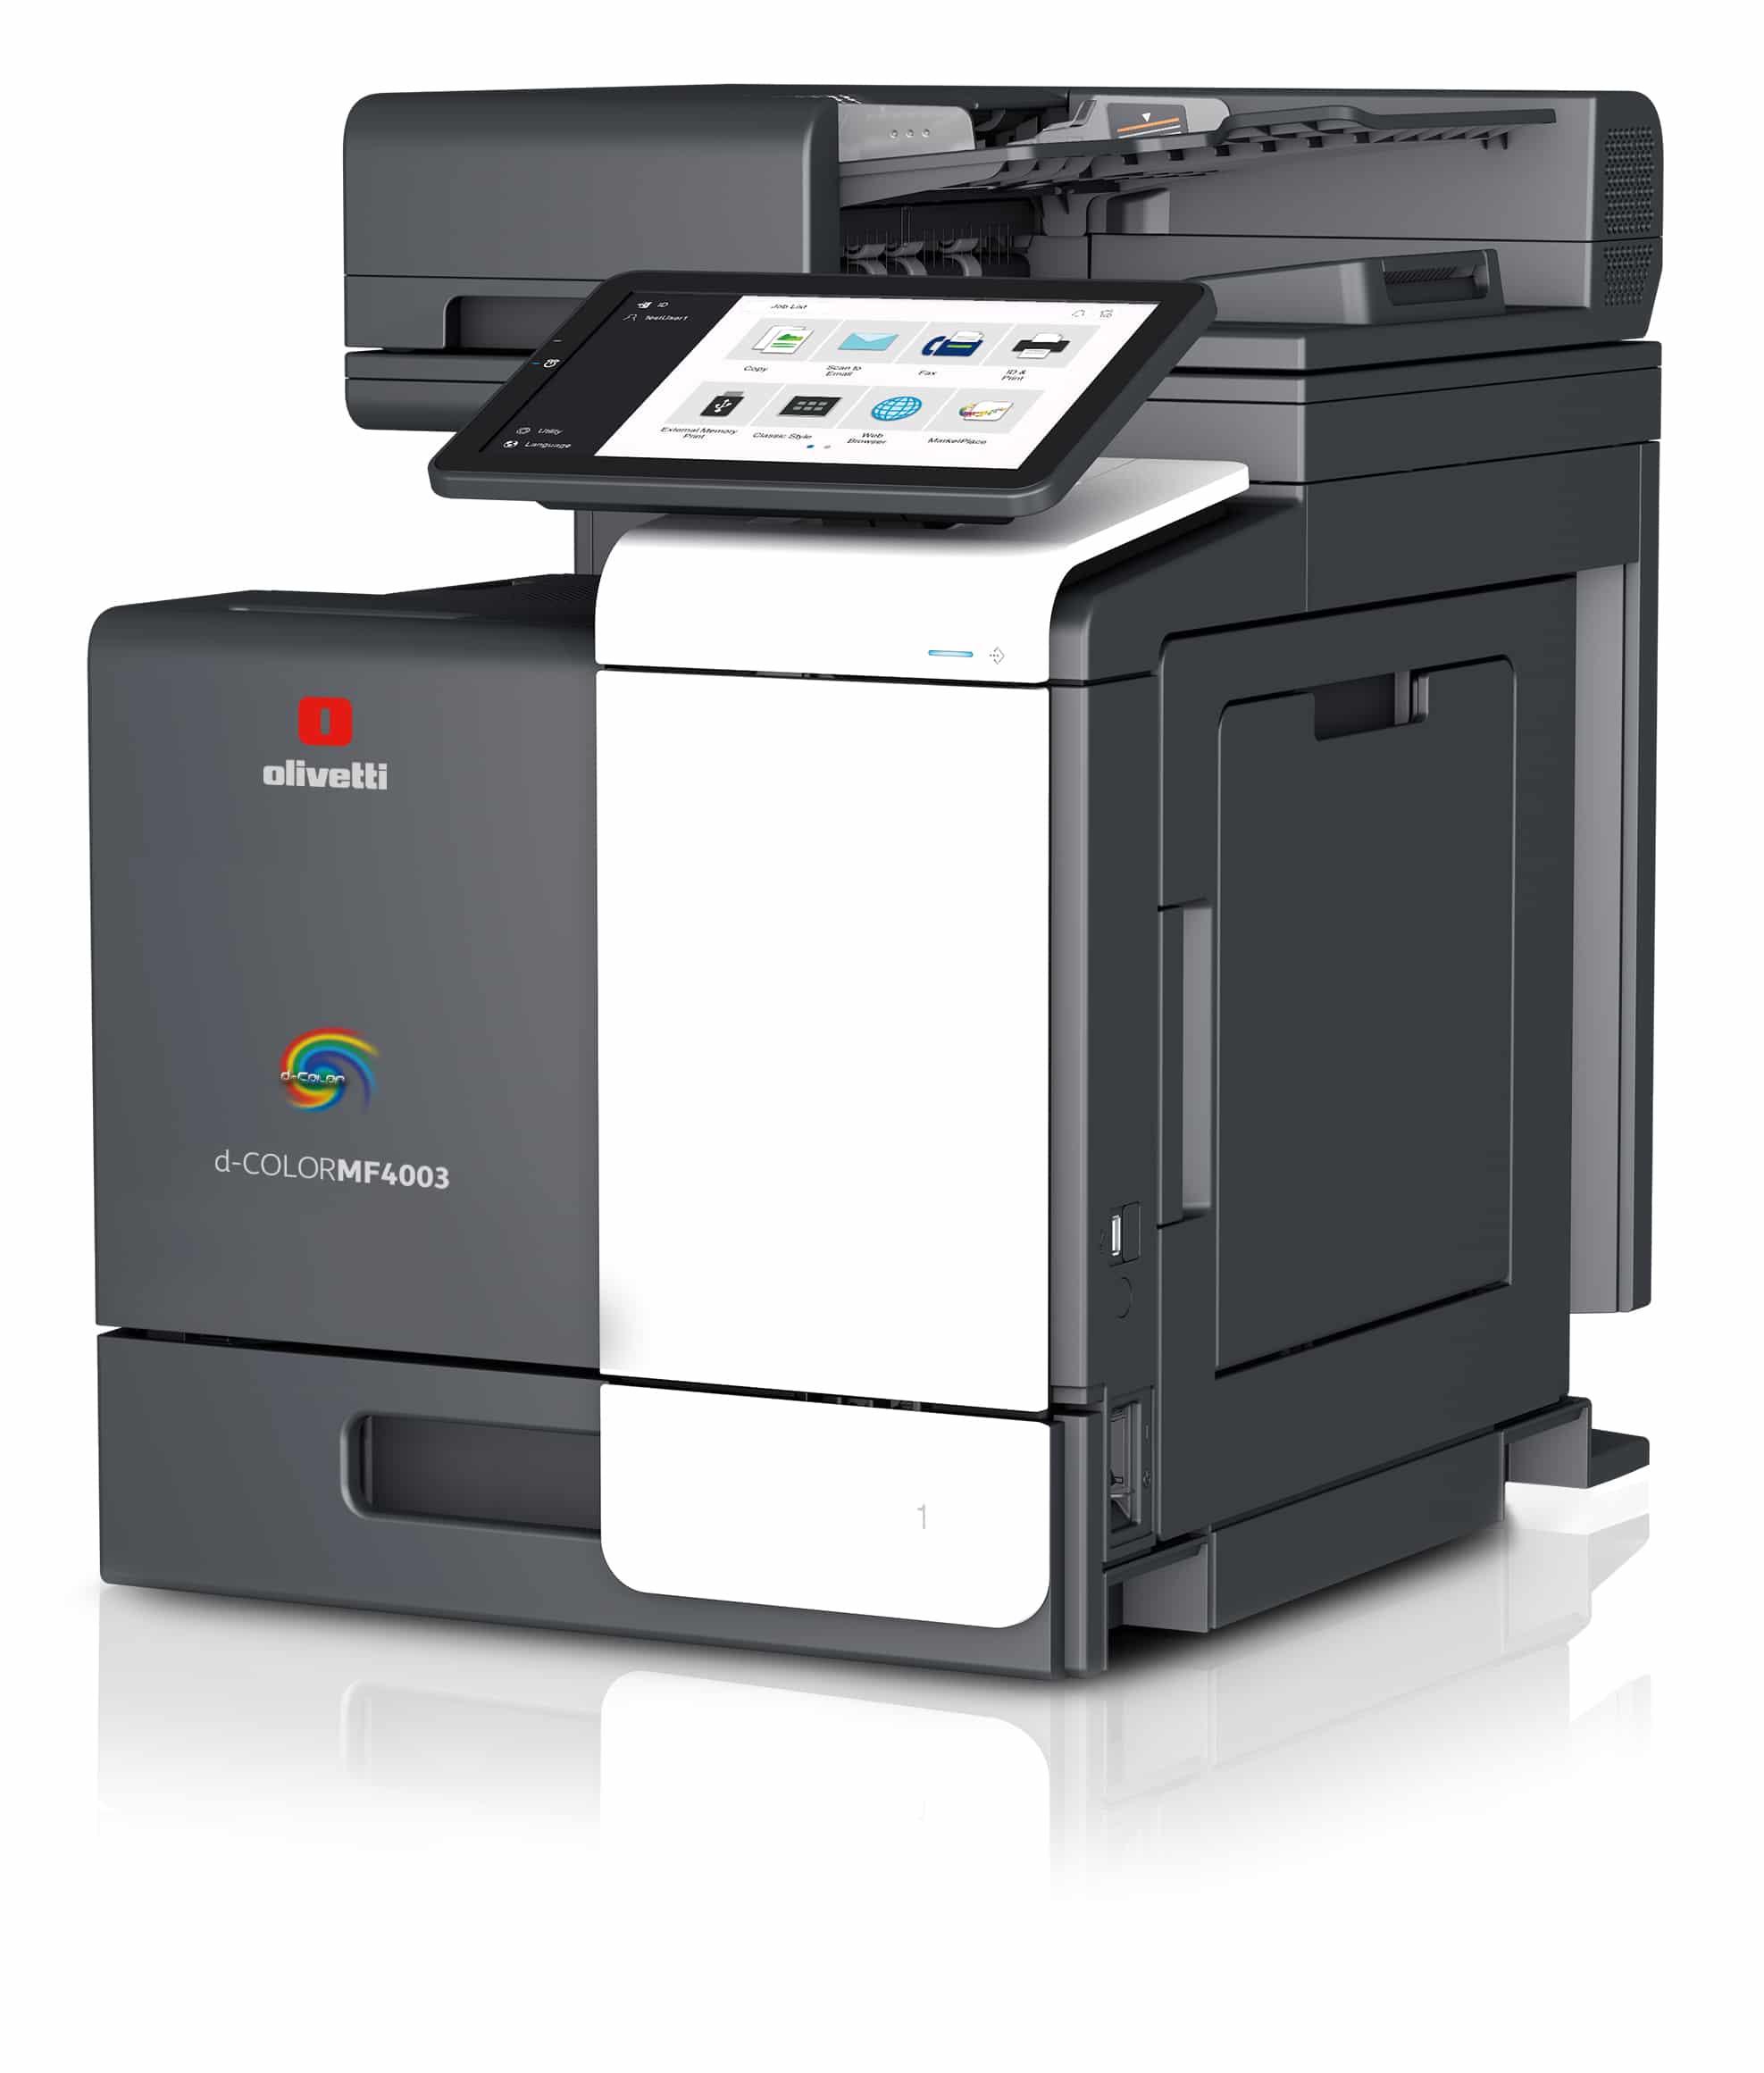 10_0_d-color-mf4003-standard